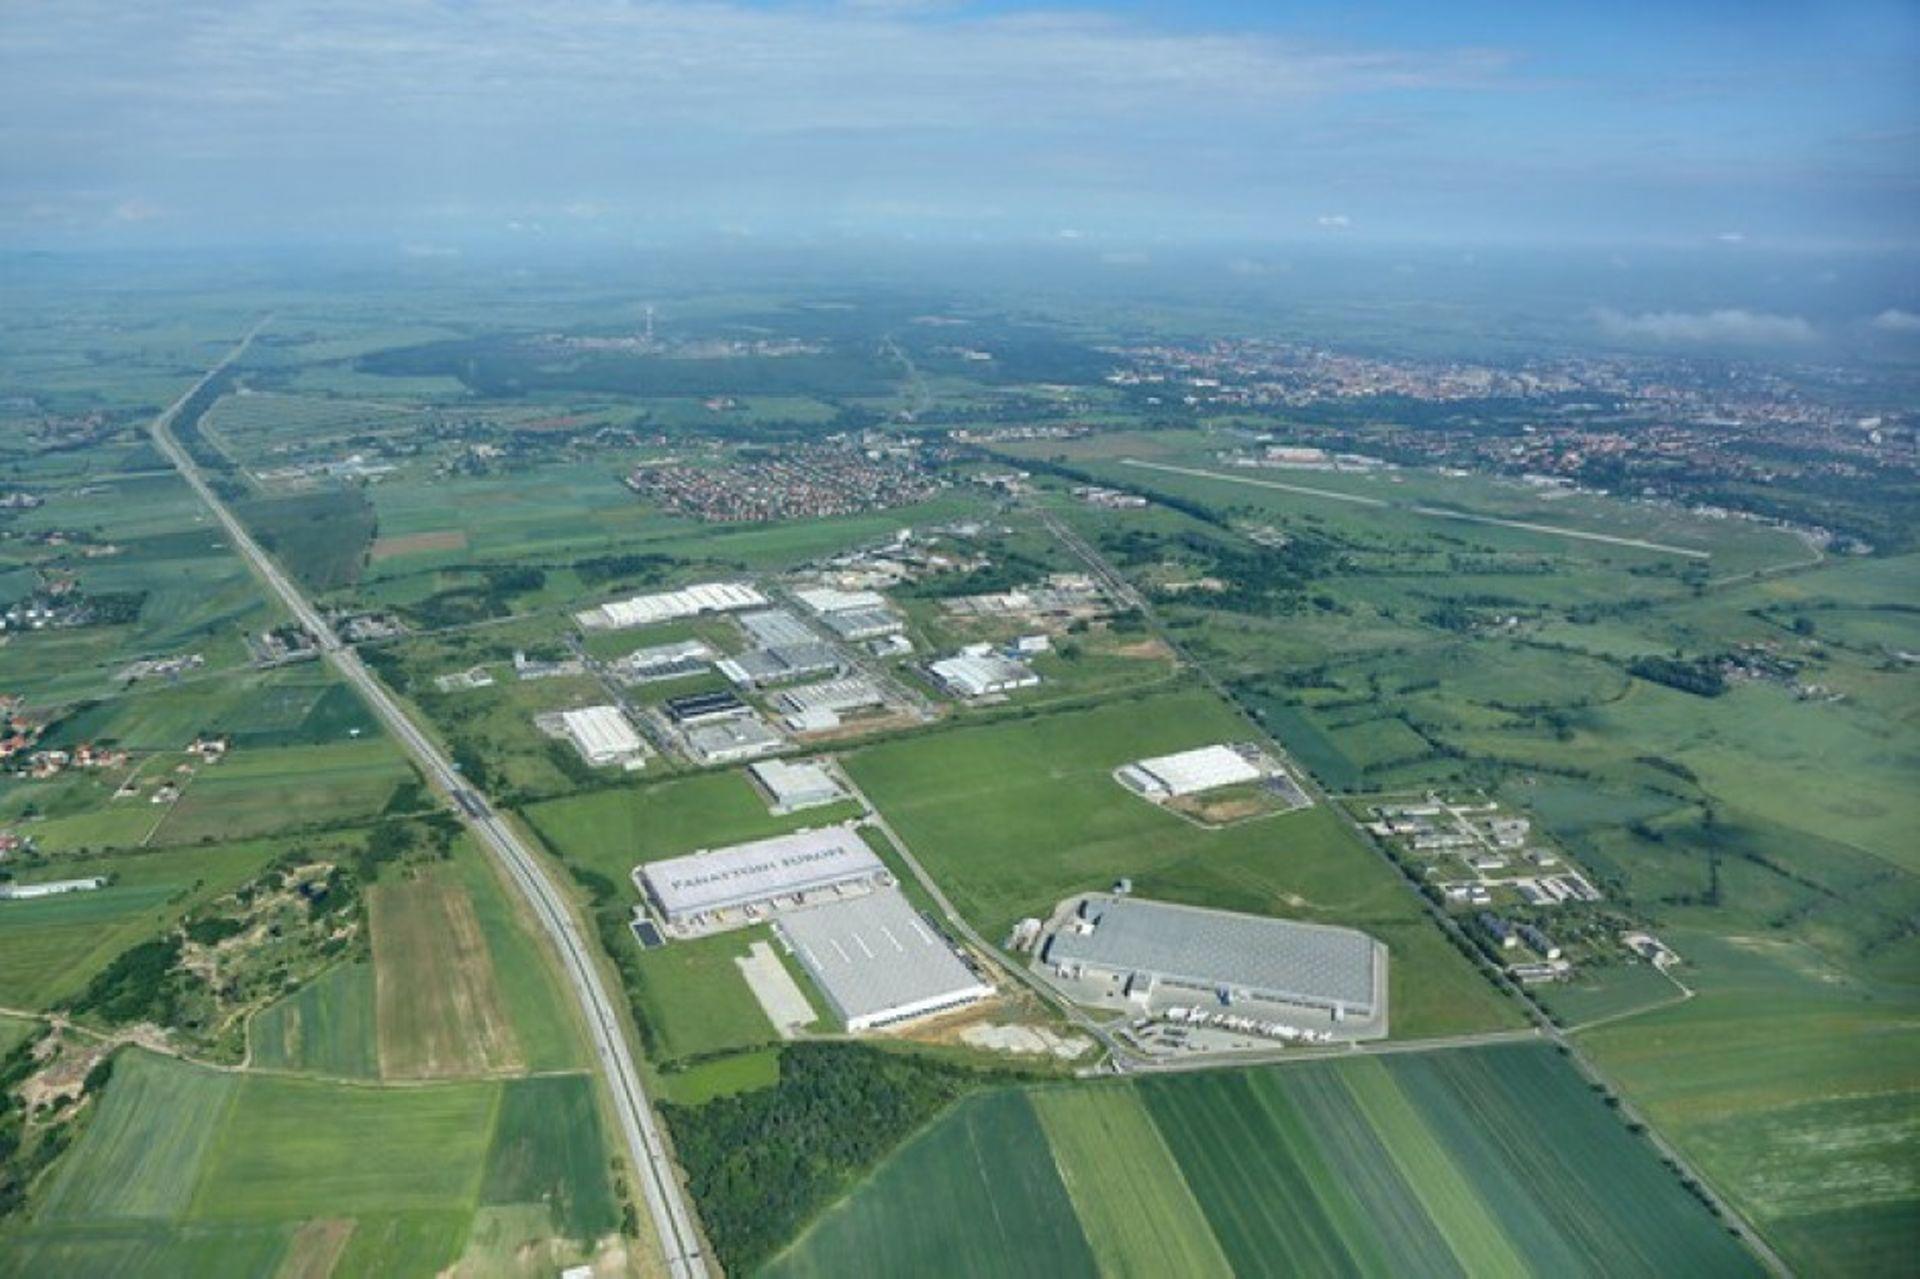 Dolny Śląsk: Panattoni stawia na Legnicę. Wybuduje centrum magazynowe o powierzchni ponad 100 tys. mkw.